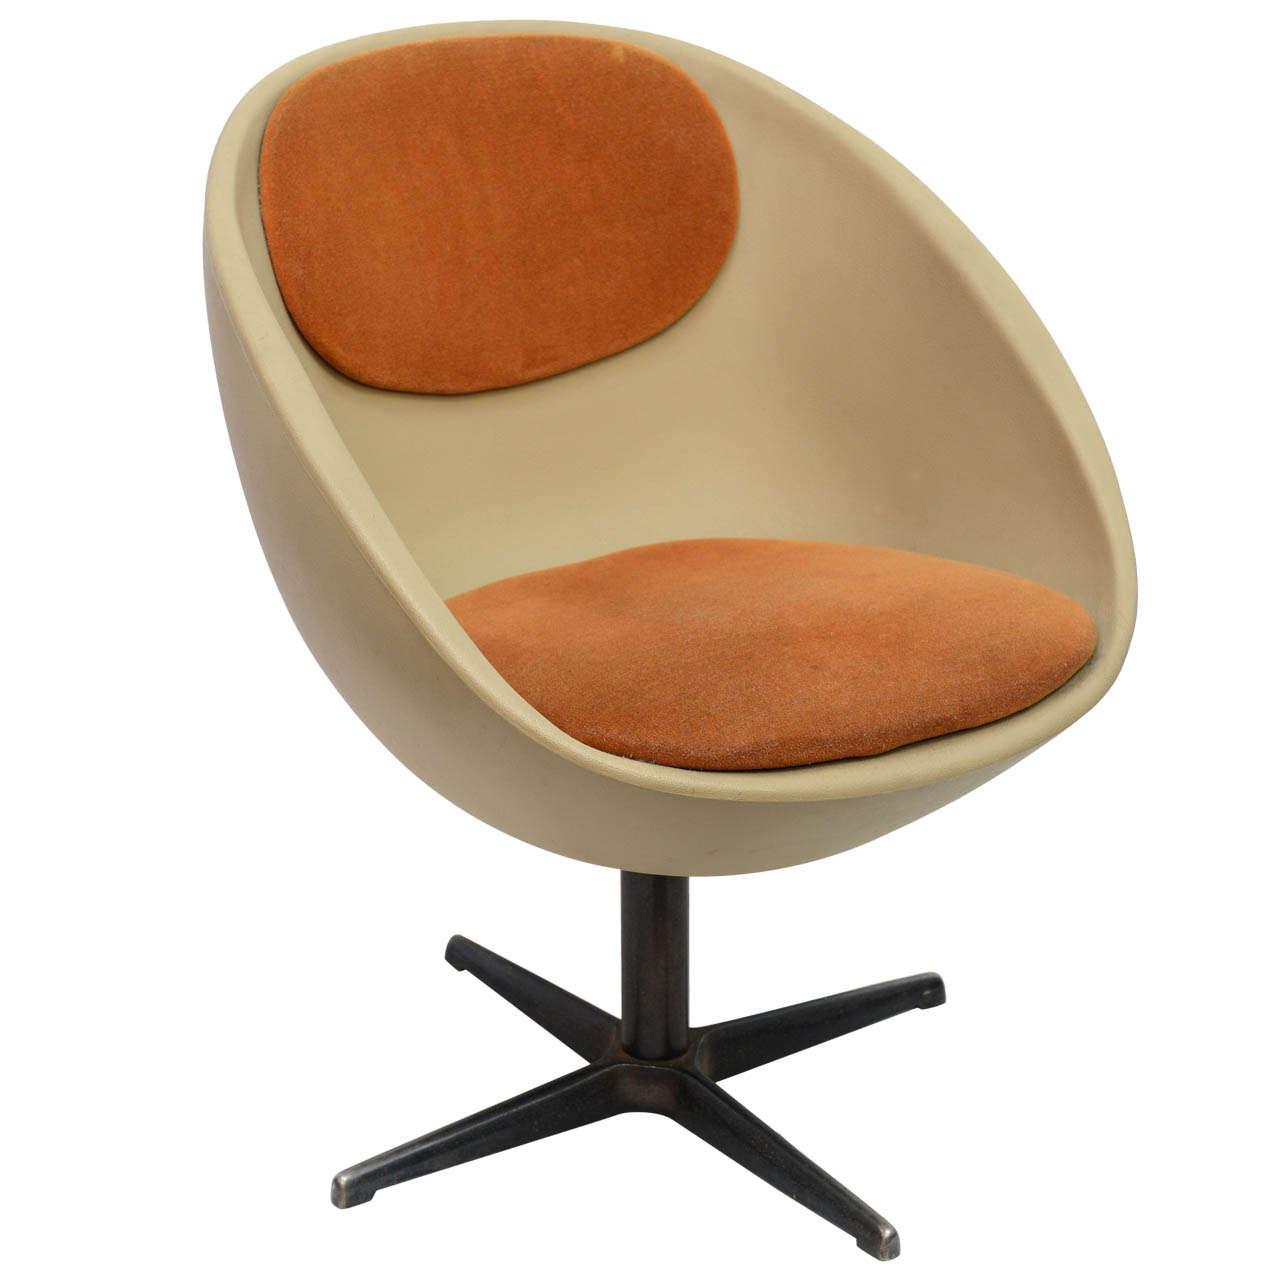 1960s BallEgg Swivel Chair at 1stdibs